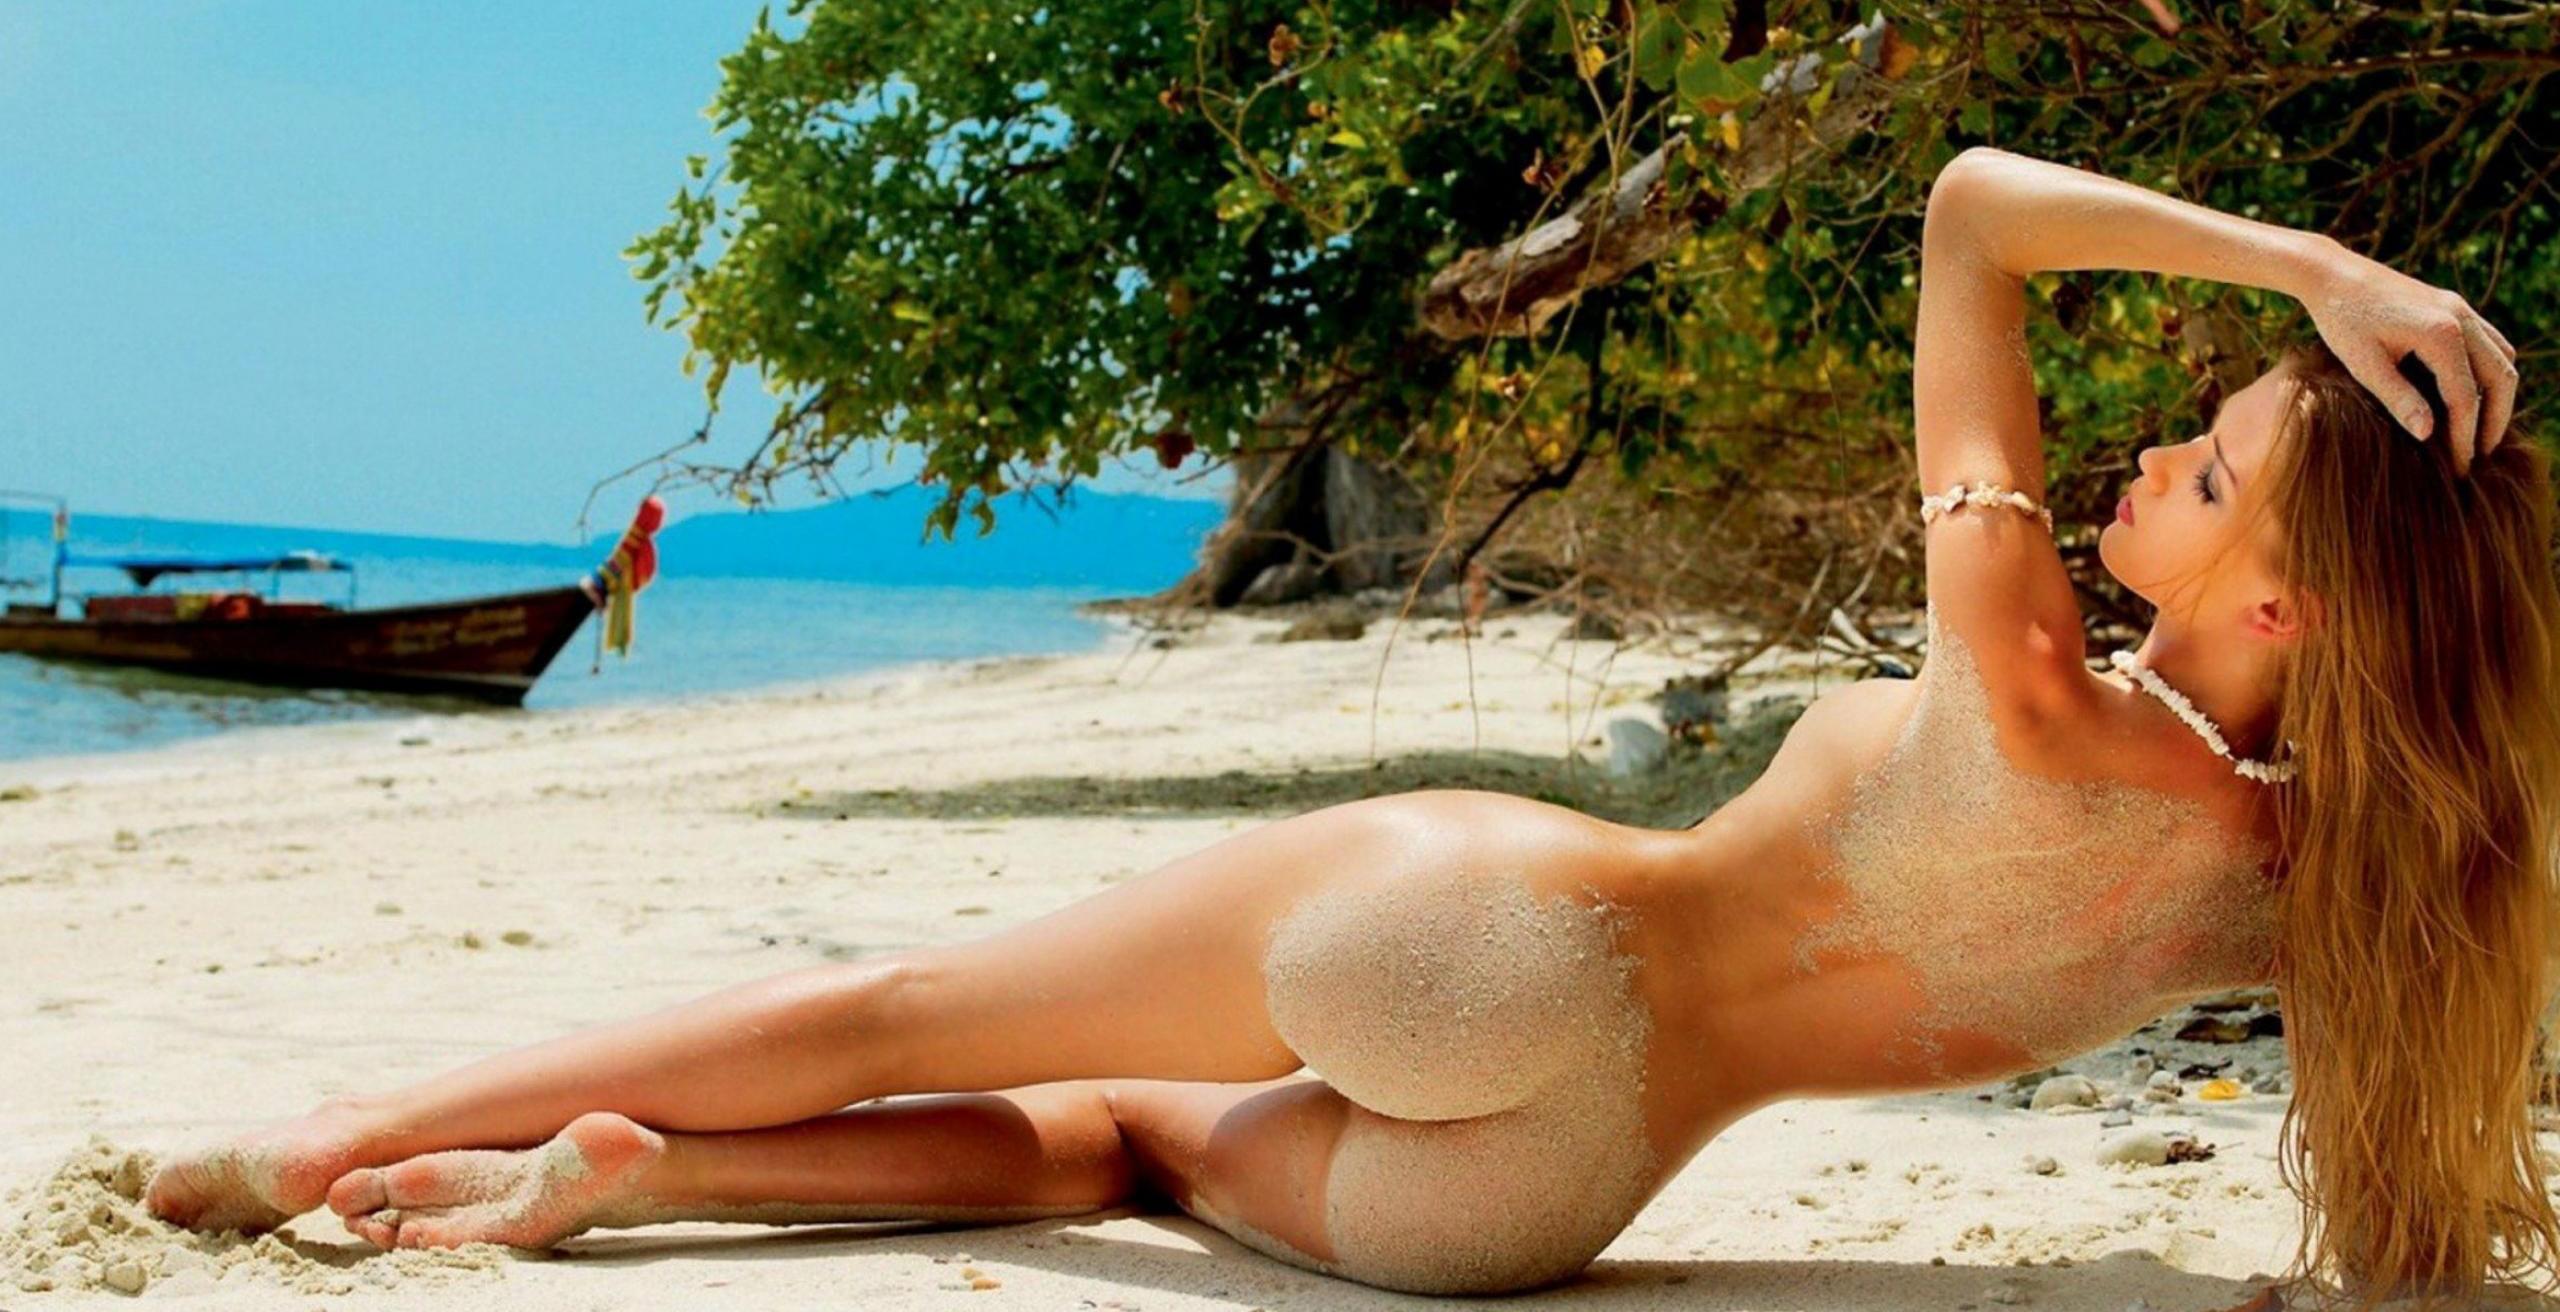 уверен относительно эротические фото с моря все это действительно